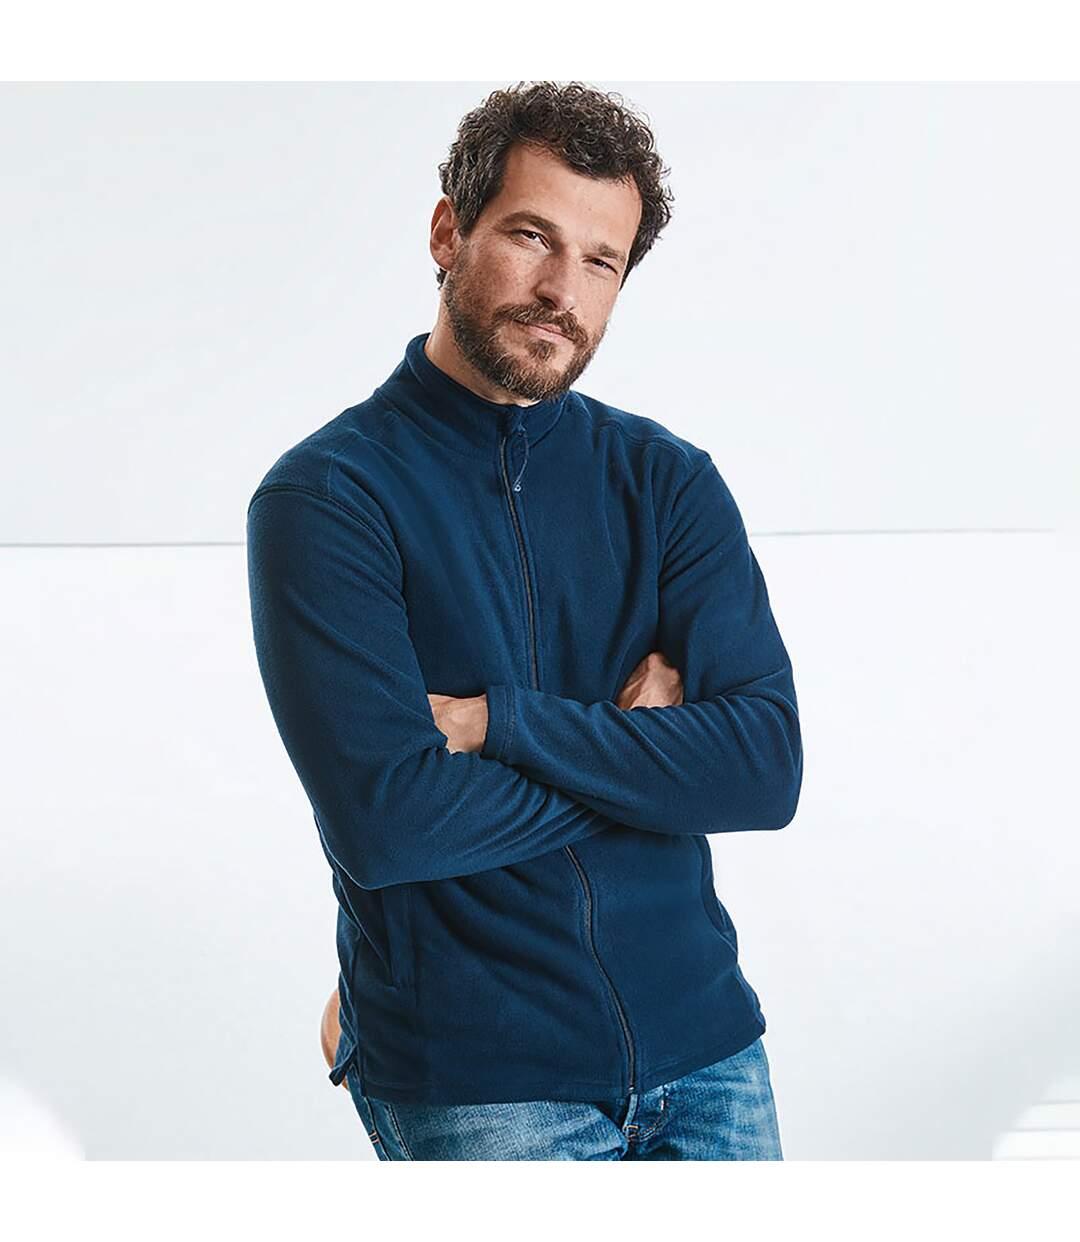 Russell Europe - Veste polaire à fermeture zippée - Homme (Rouge classique) - UTRW3282